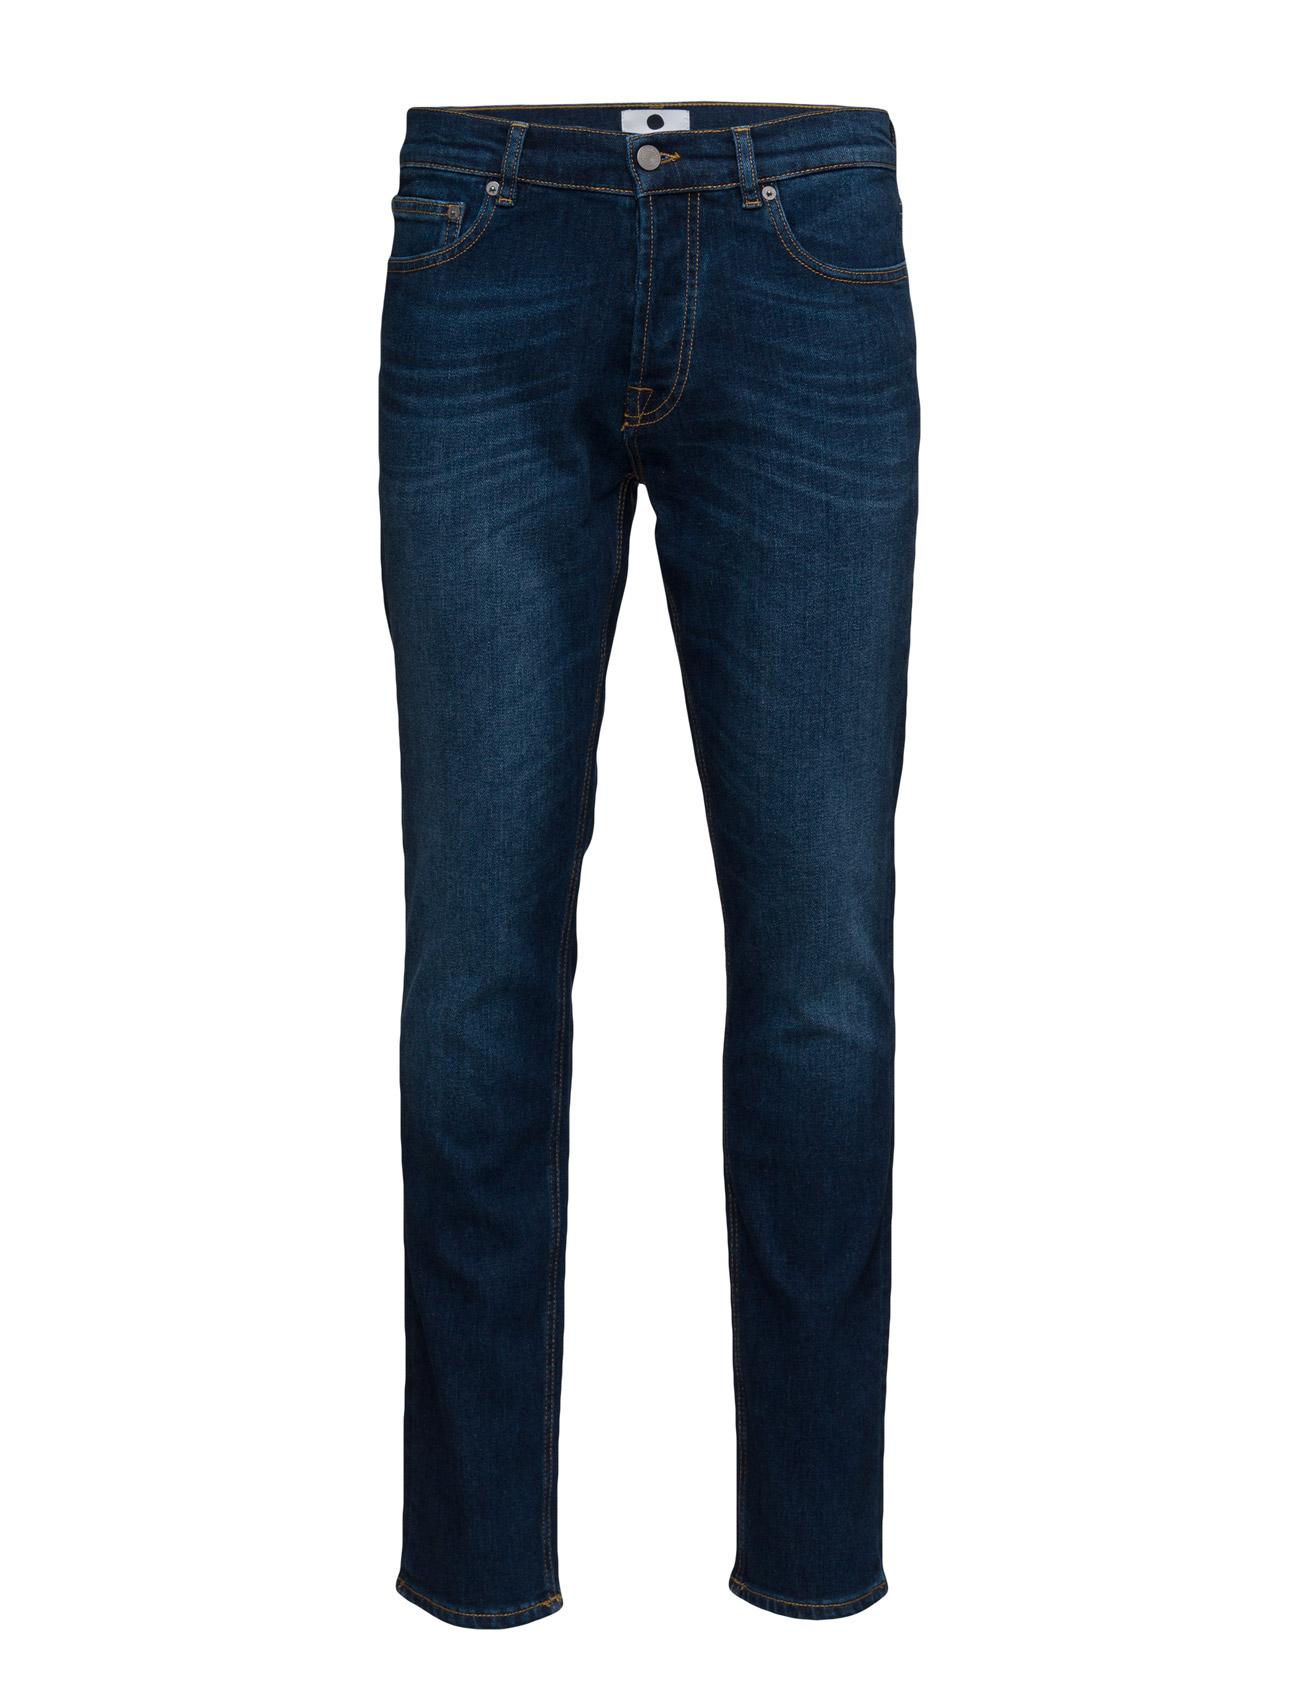 Jeans Three 1779 L32 NN07 Slim til Herrer i